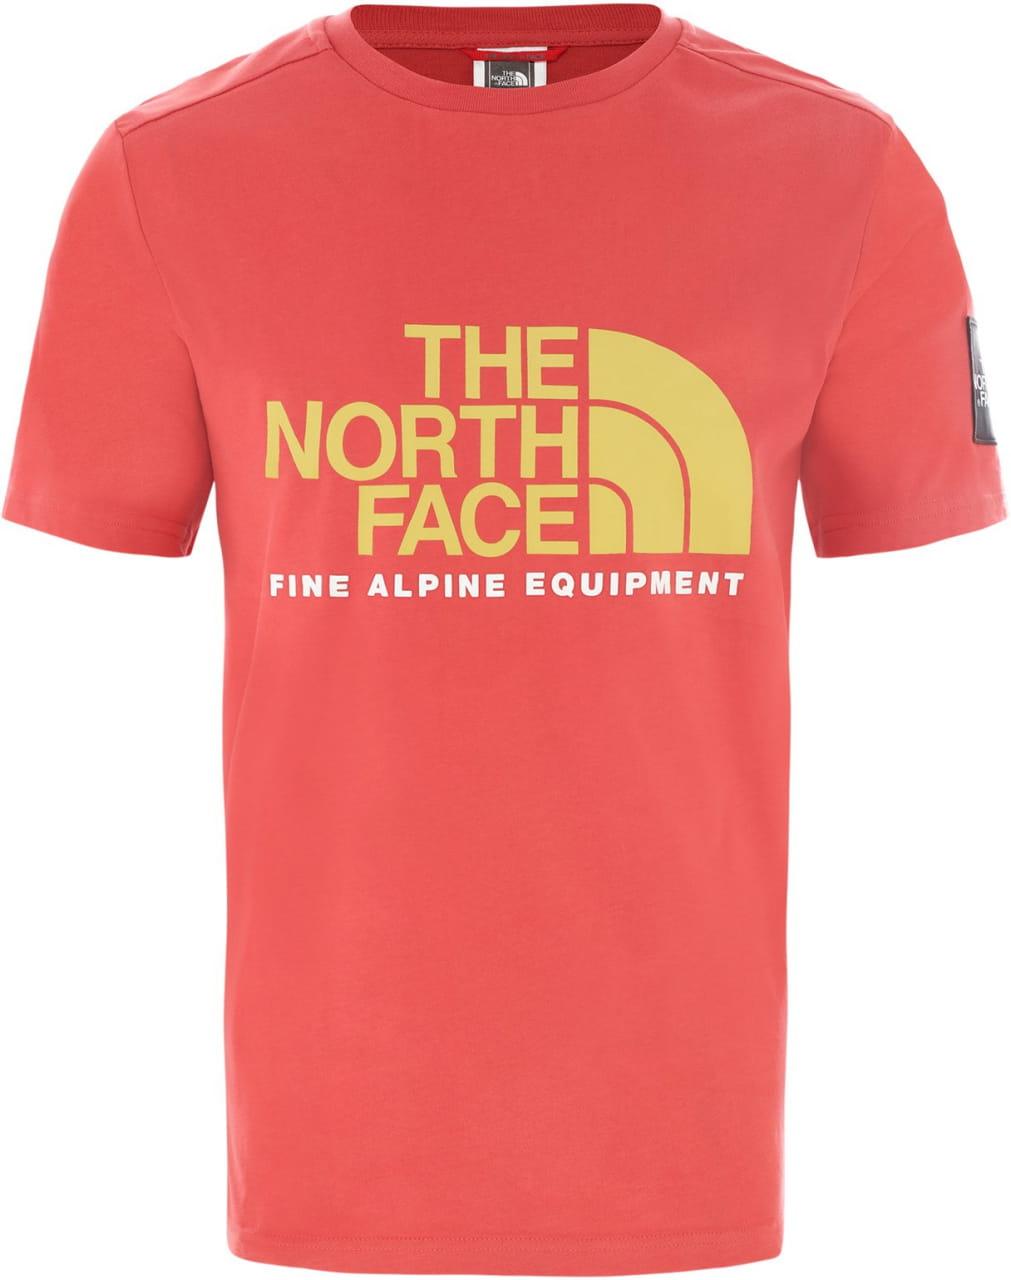 Pánské tričko The North Face Men's Fine Alpine 2 T-Shirt